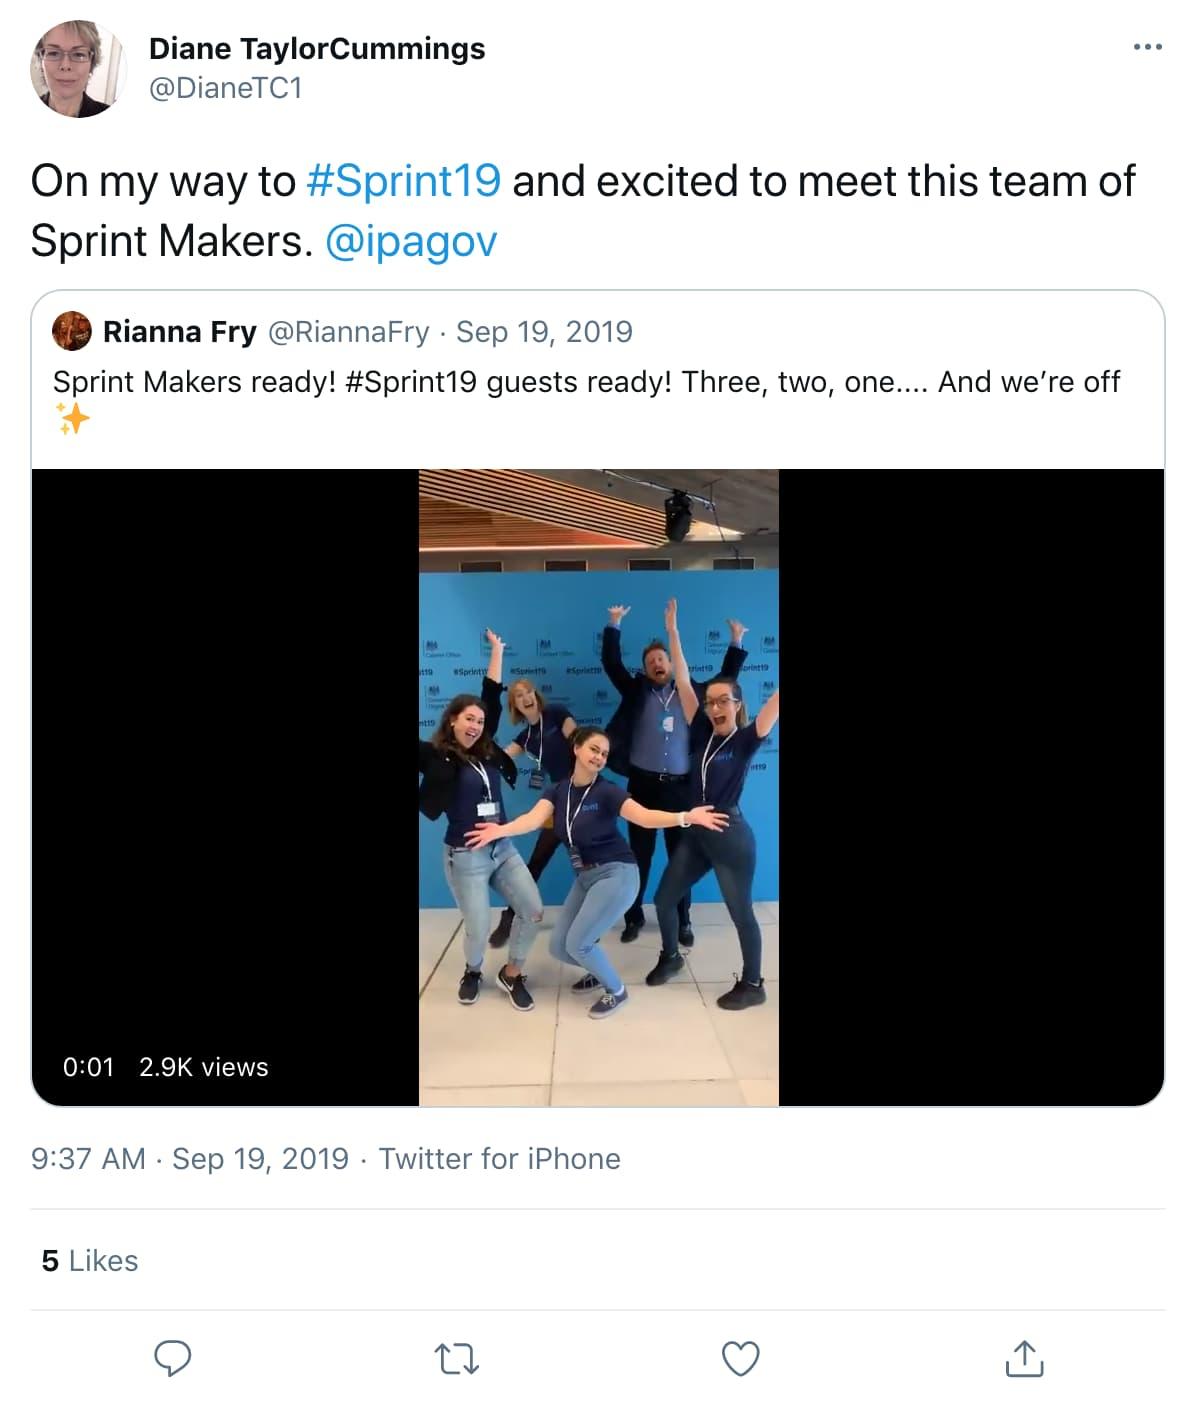 Tweet by DianeTC1 on 9:37 AM · Sep 19, 2019 (tweet content below)